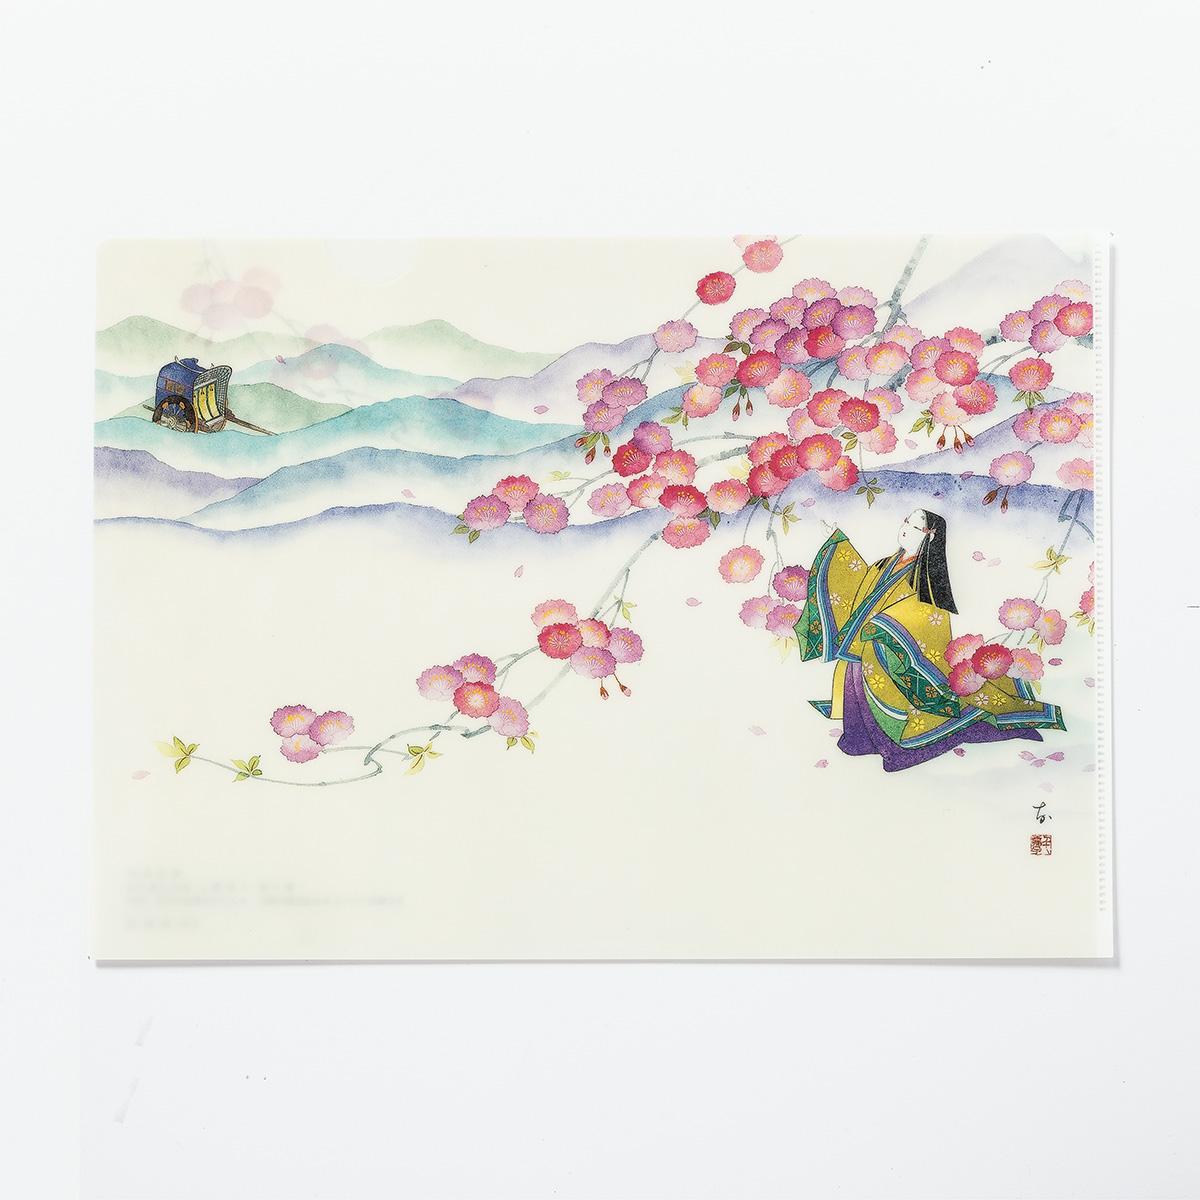 源氏物語クリアファイル 5帖「若紫」